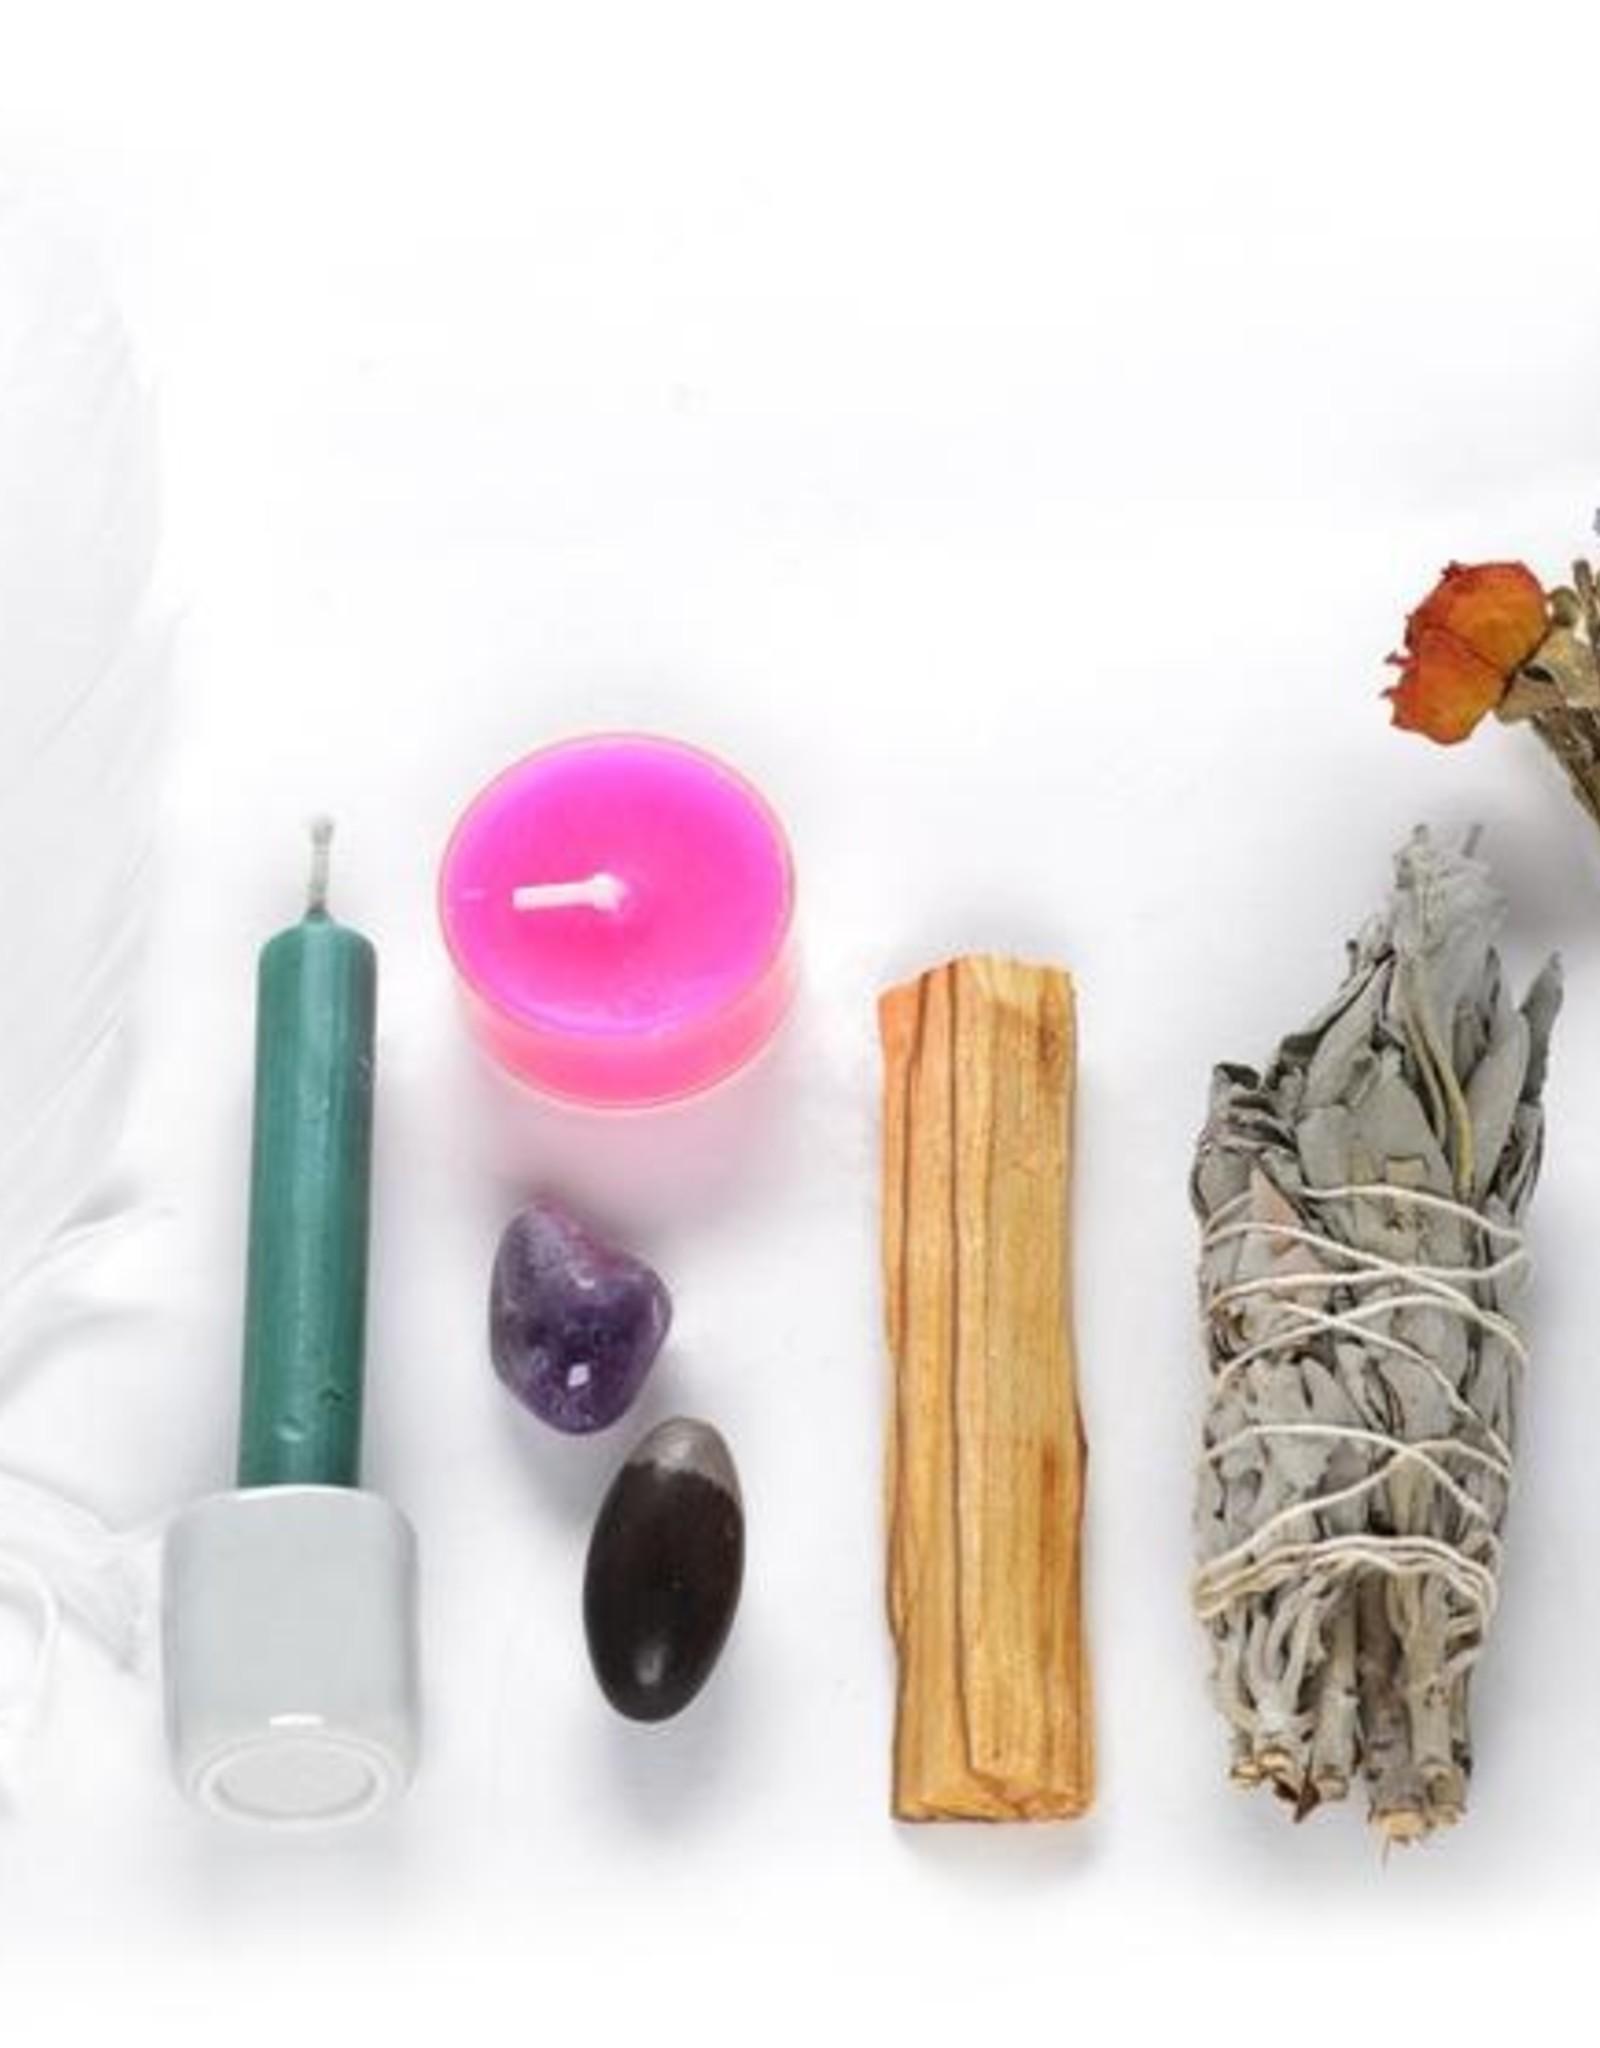 Ritual Kit: Fertility